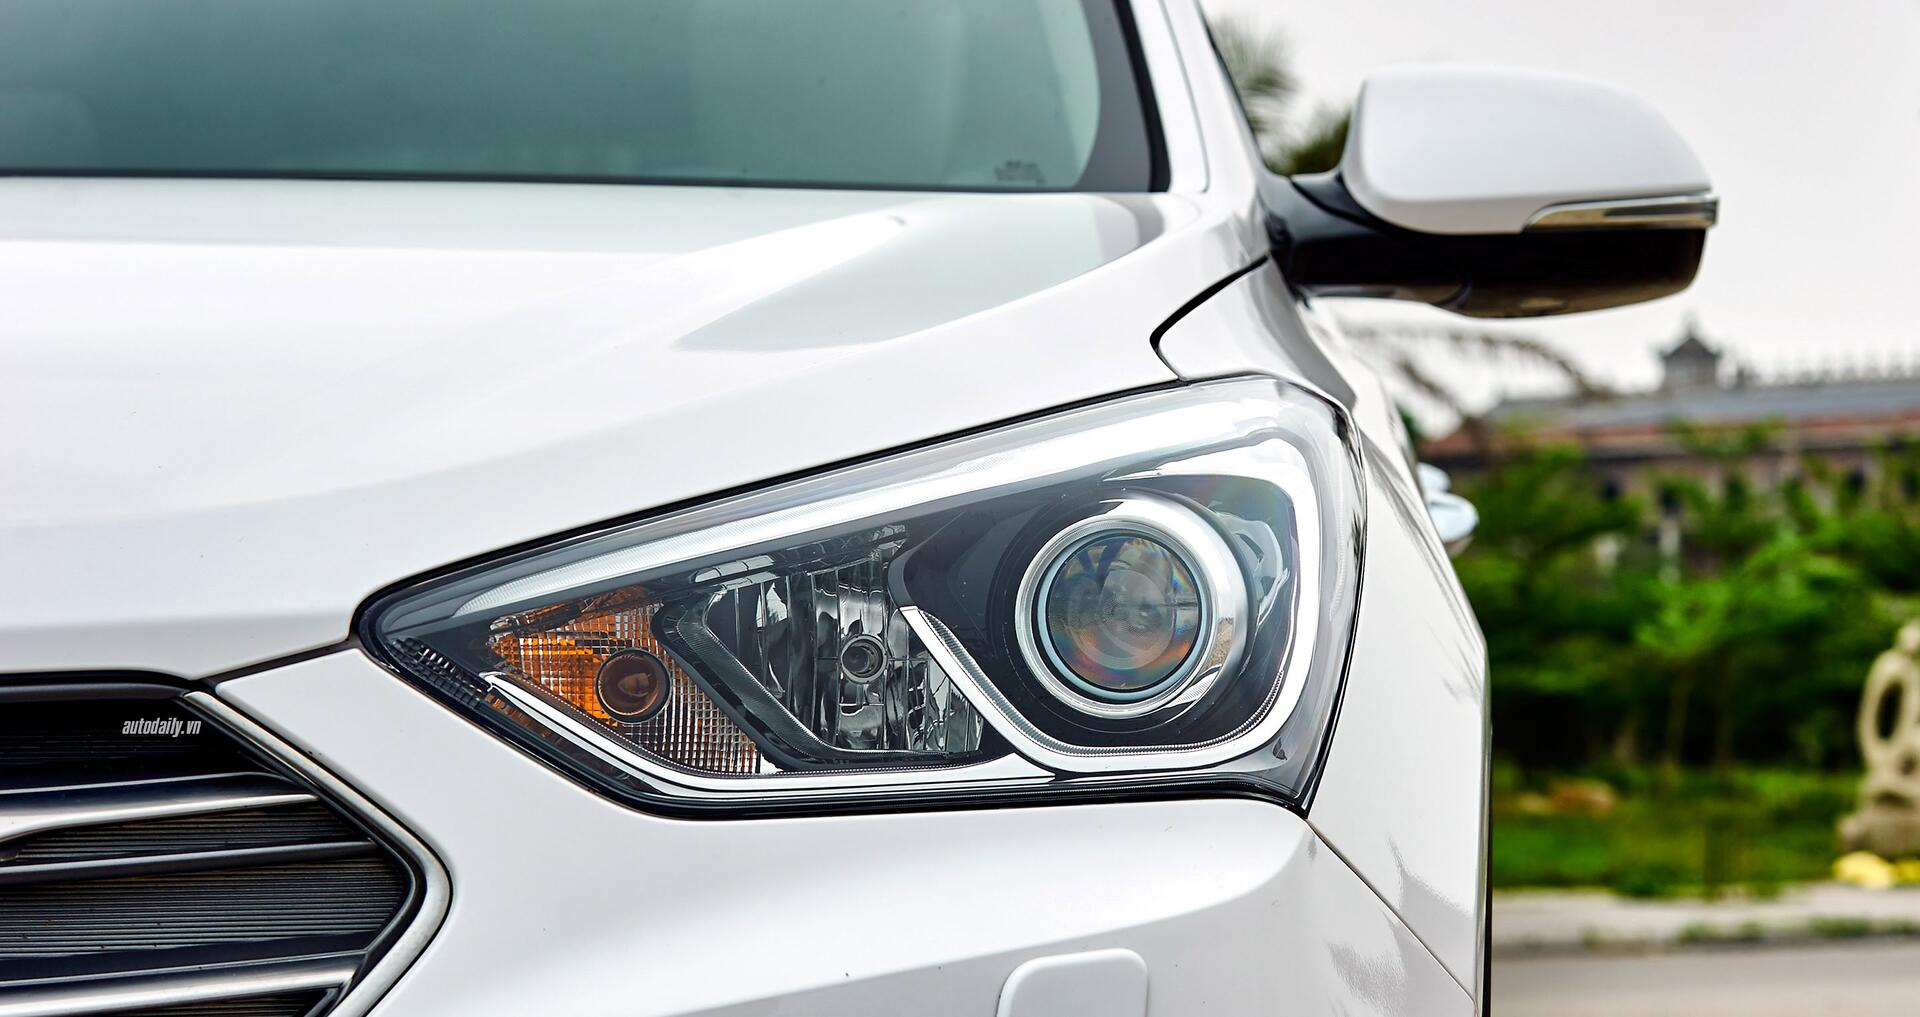 Đánh giá ban đầu về Hyundai SantaFe 2016 phiên bản máy dầu - Hình 3